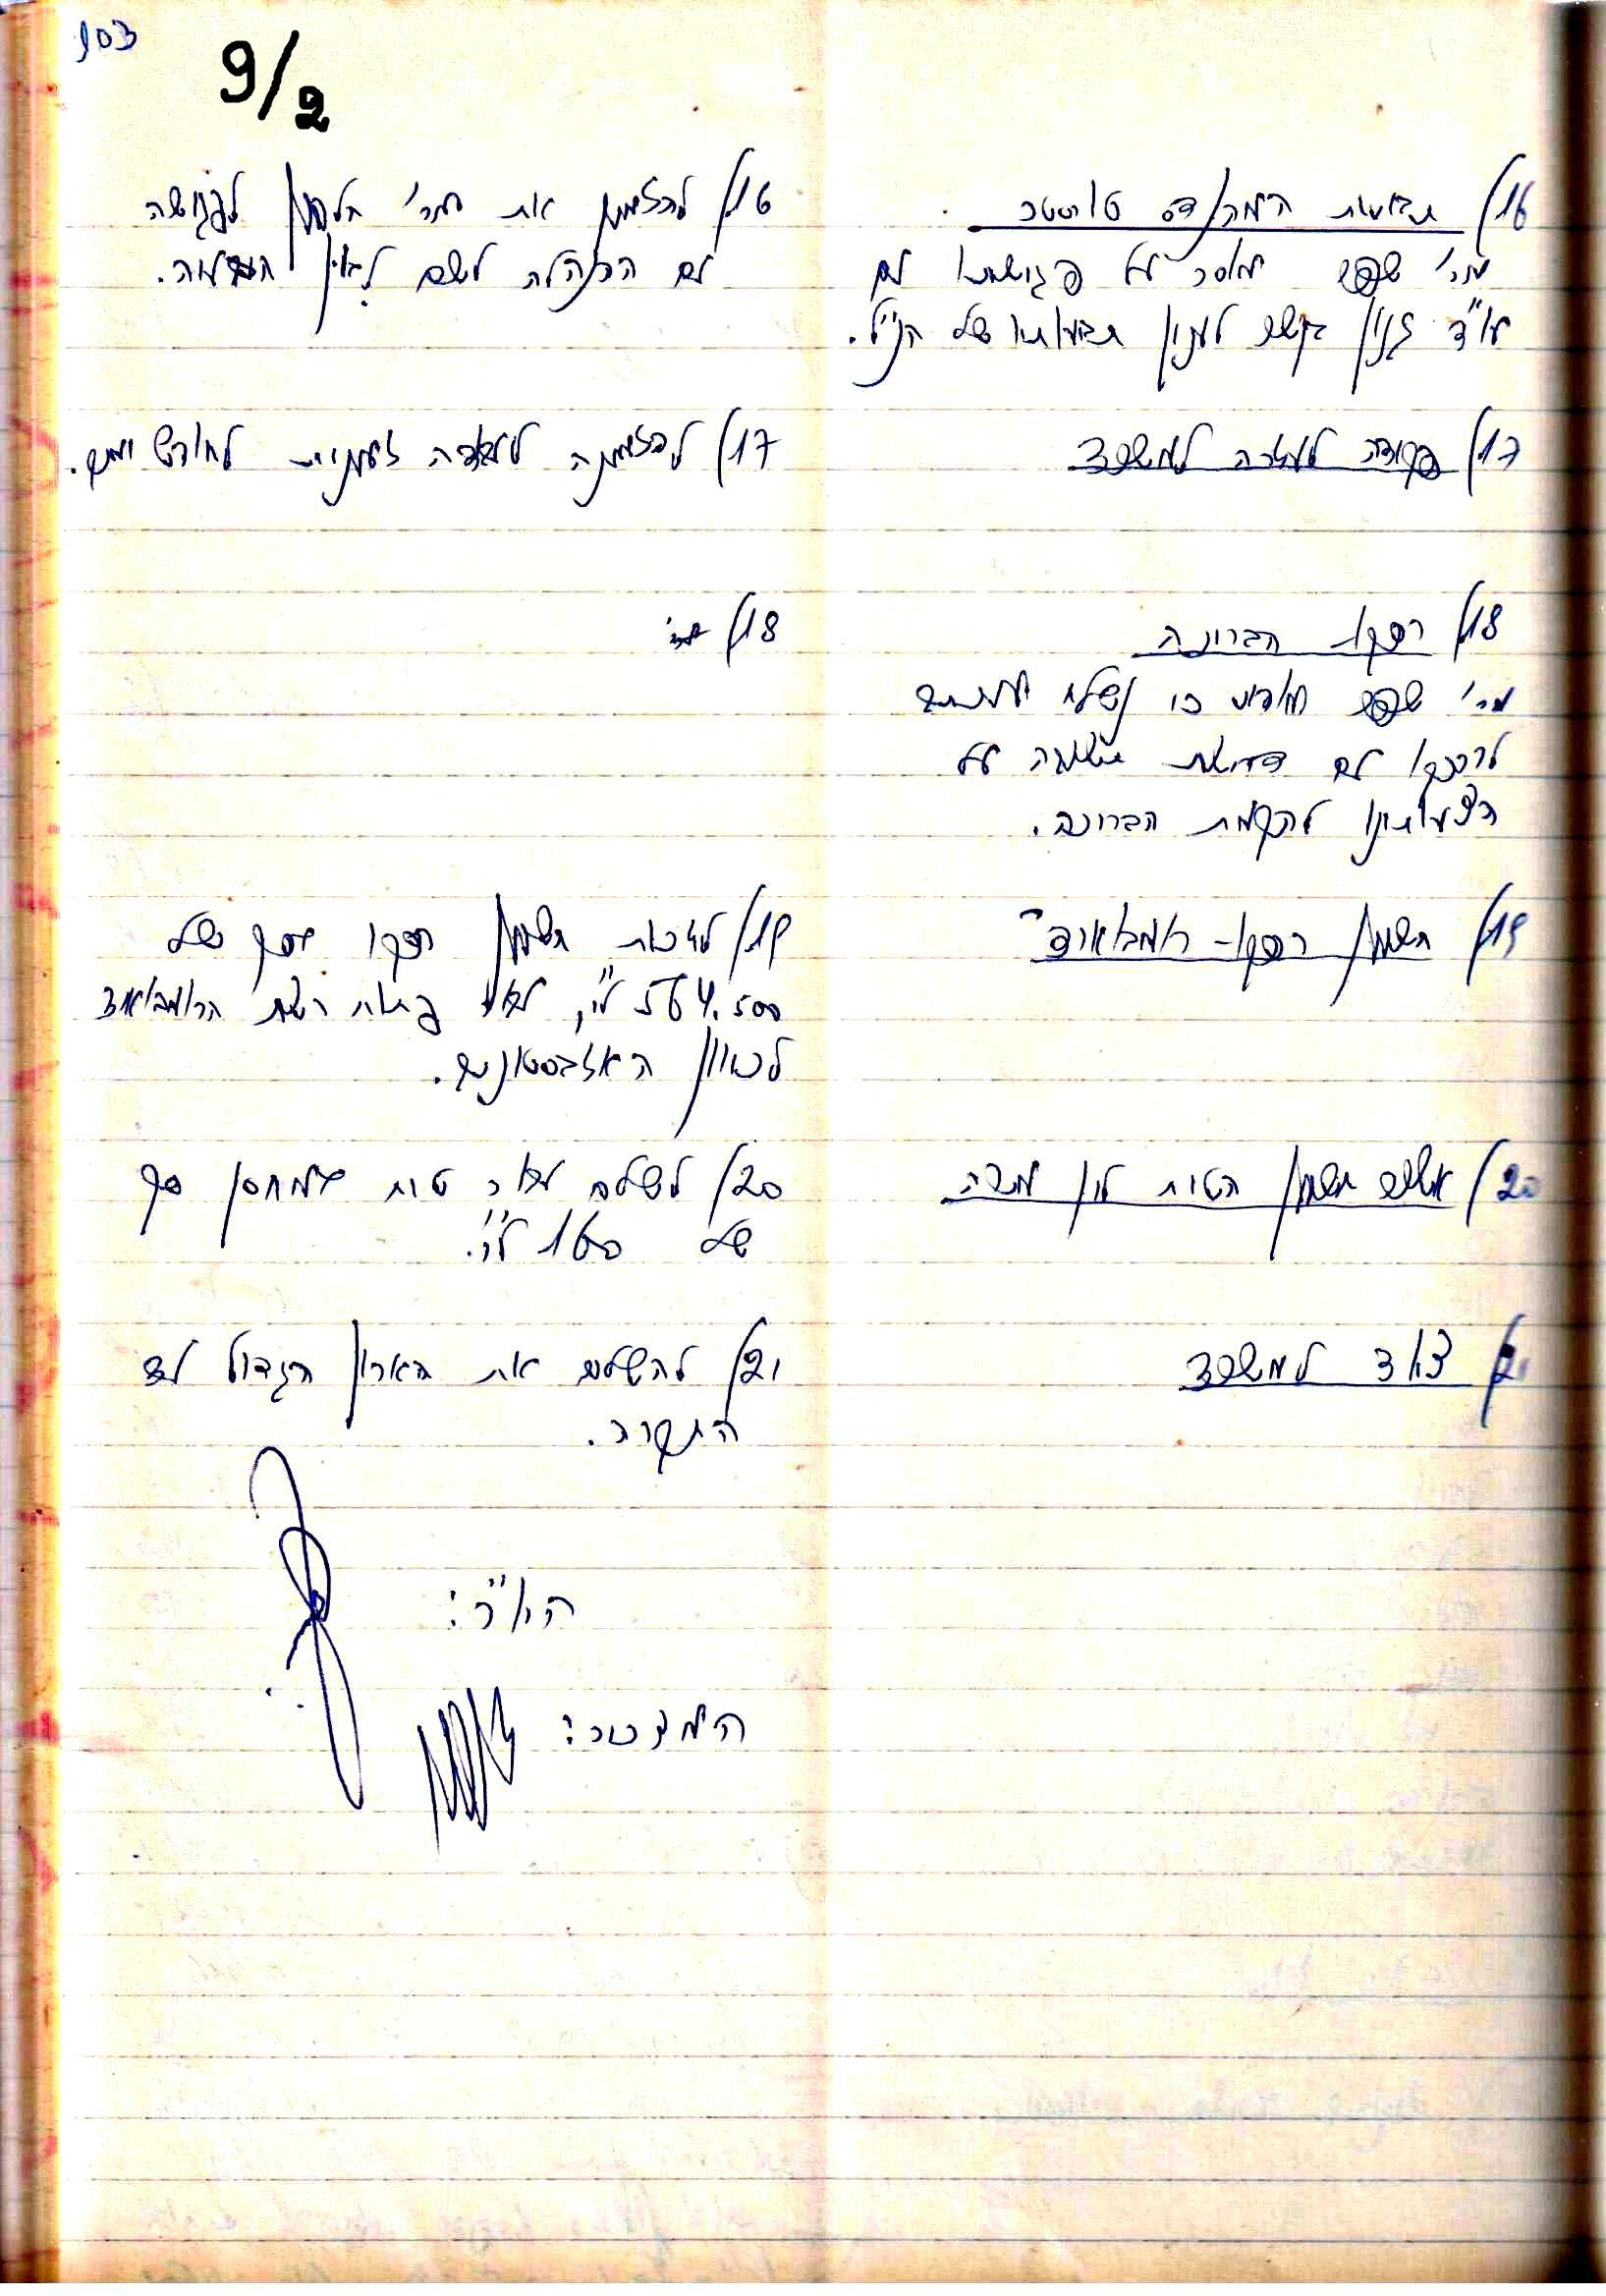 פרוטוקולים 6 – הנהלה – 18.8.60 – 27.11.56 by riki deri - Illustrated by מוזיאון בית גרושקביץ / כרך 6 - Ourboox.com